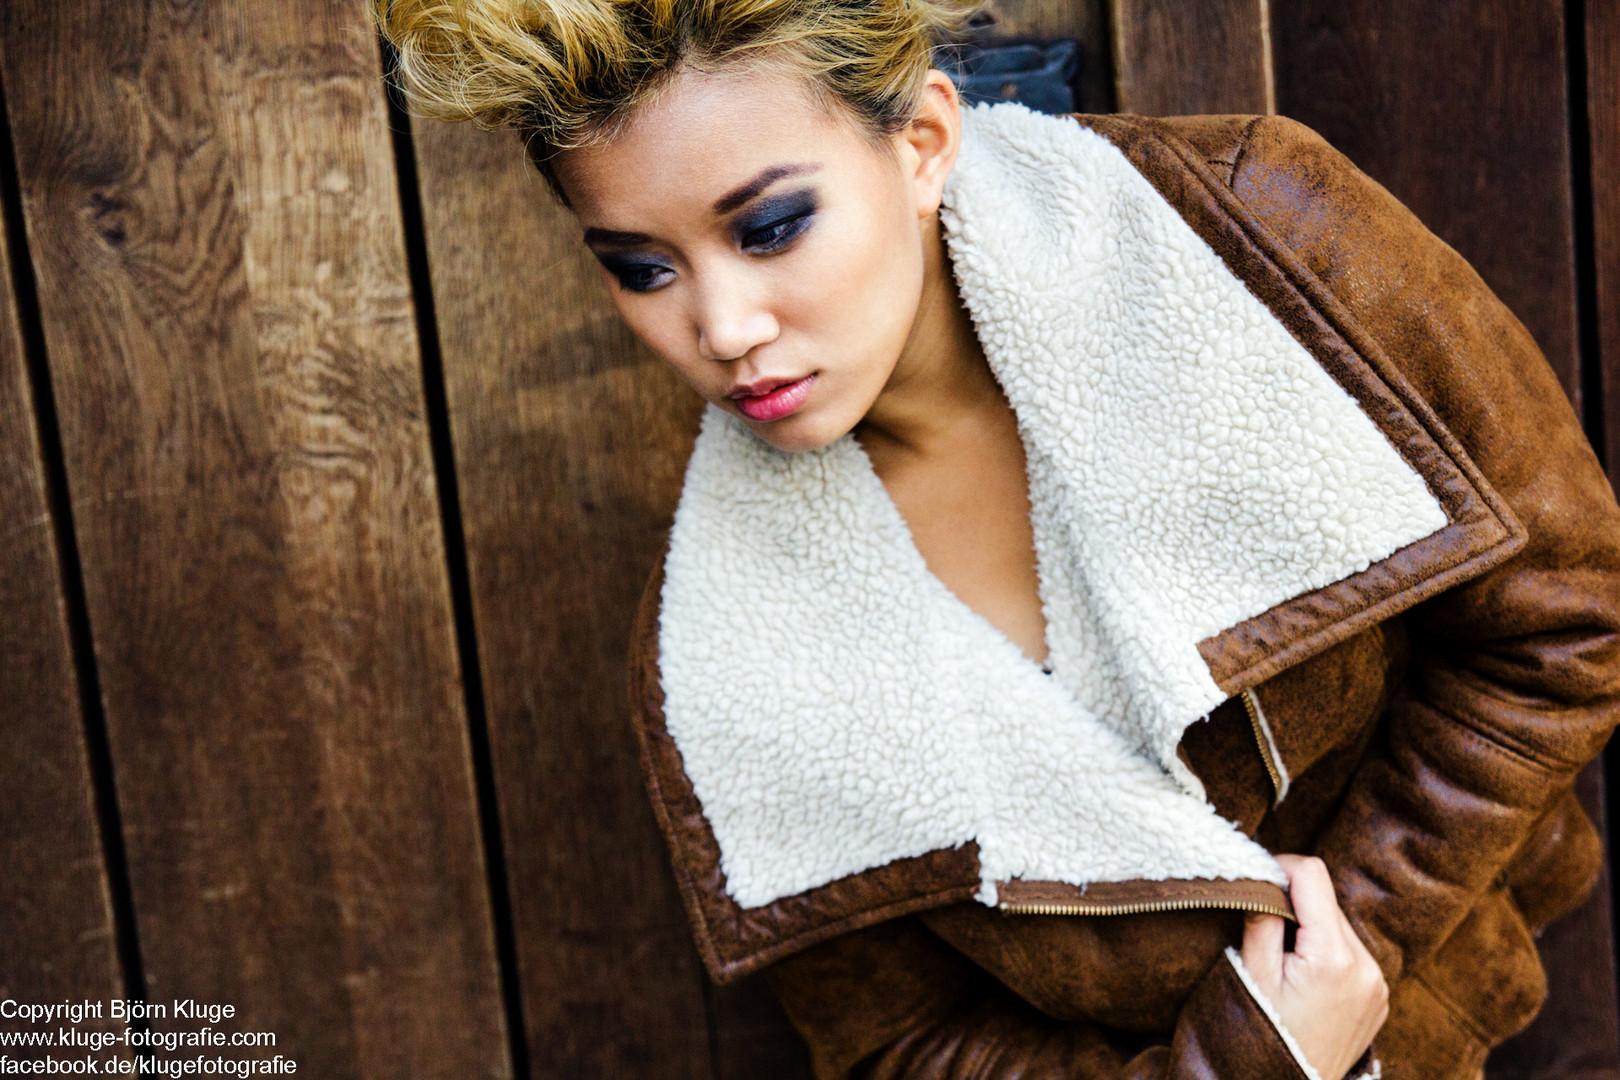 ....asian beauty...